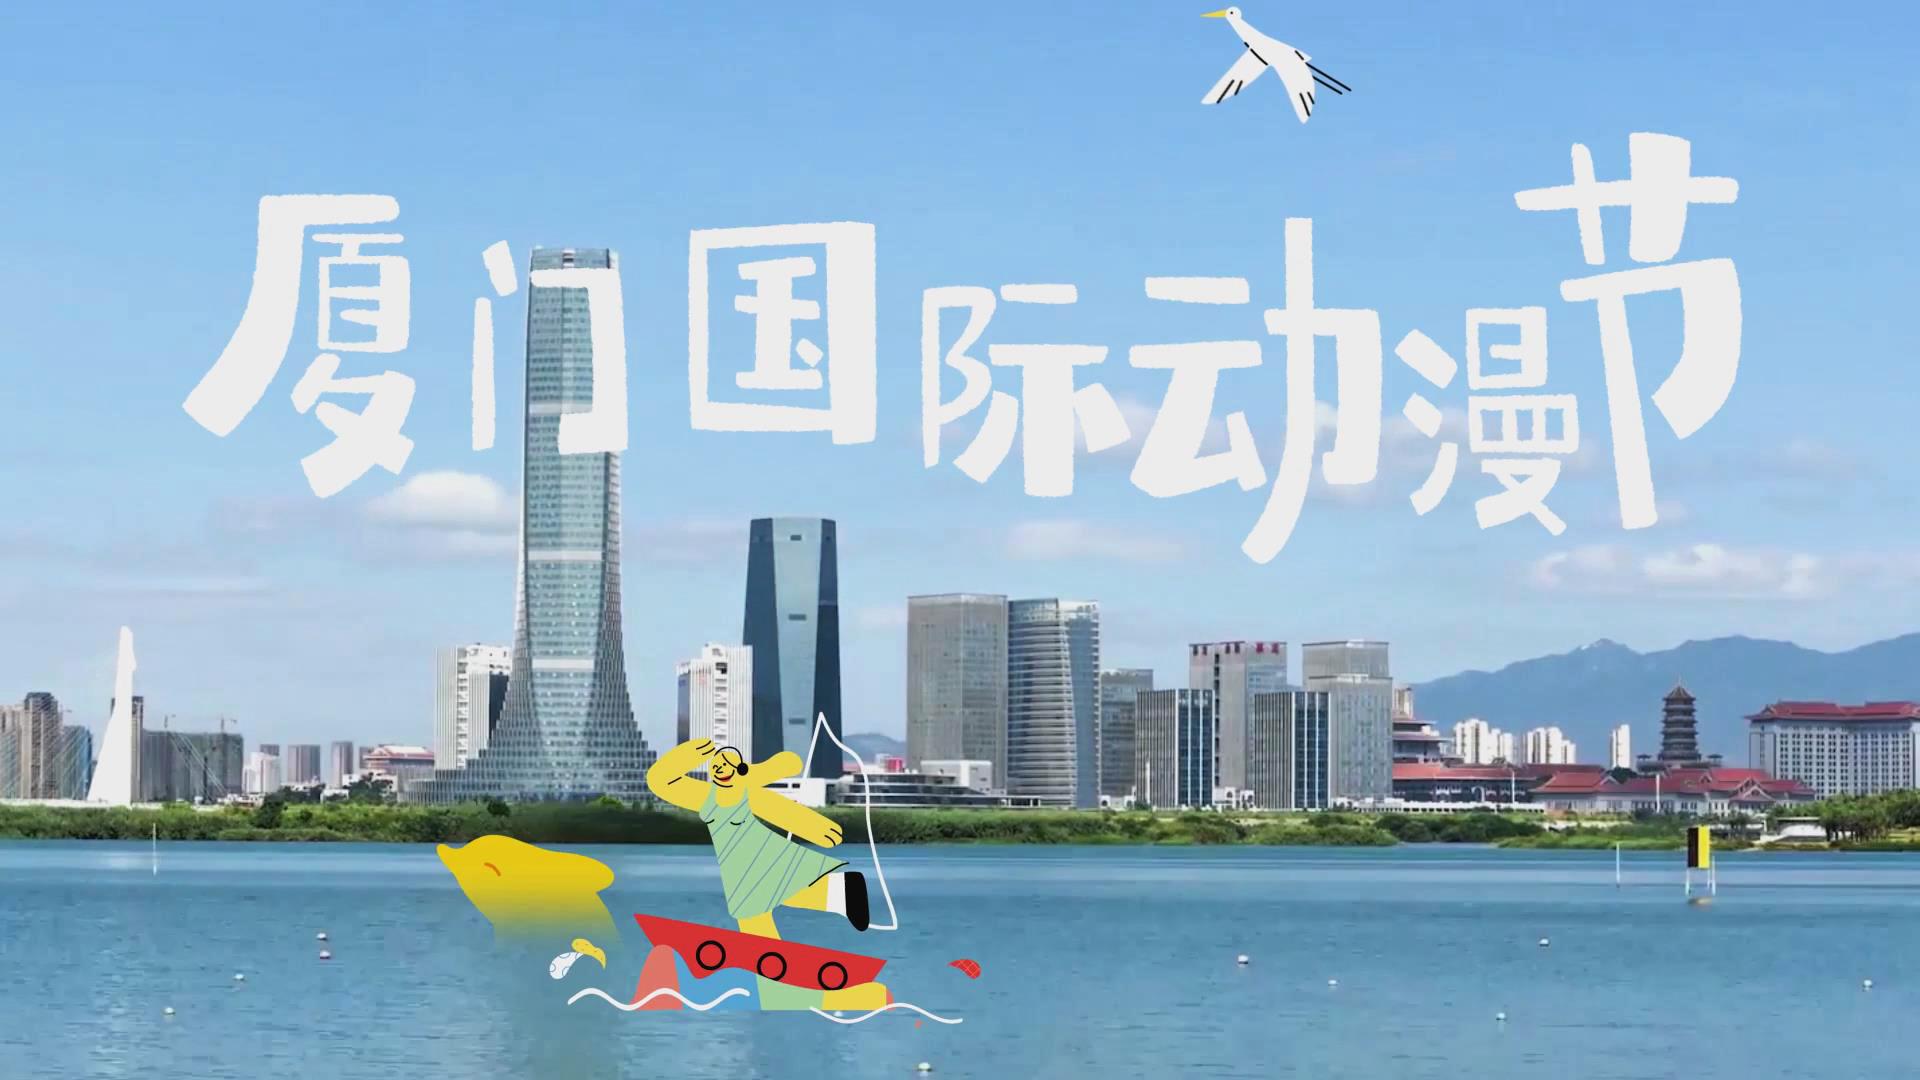 第十三届厦门国际动漫节明日启幕 共赴鹭岛动漫之约